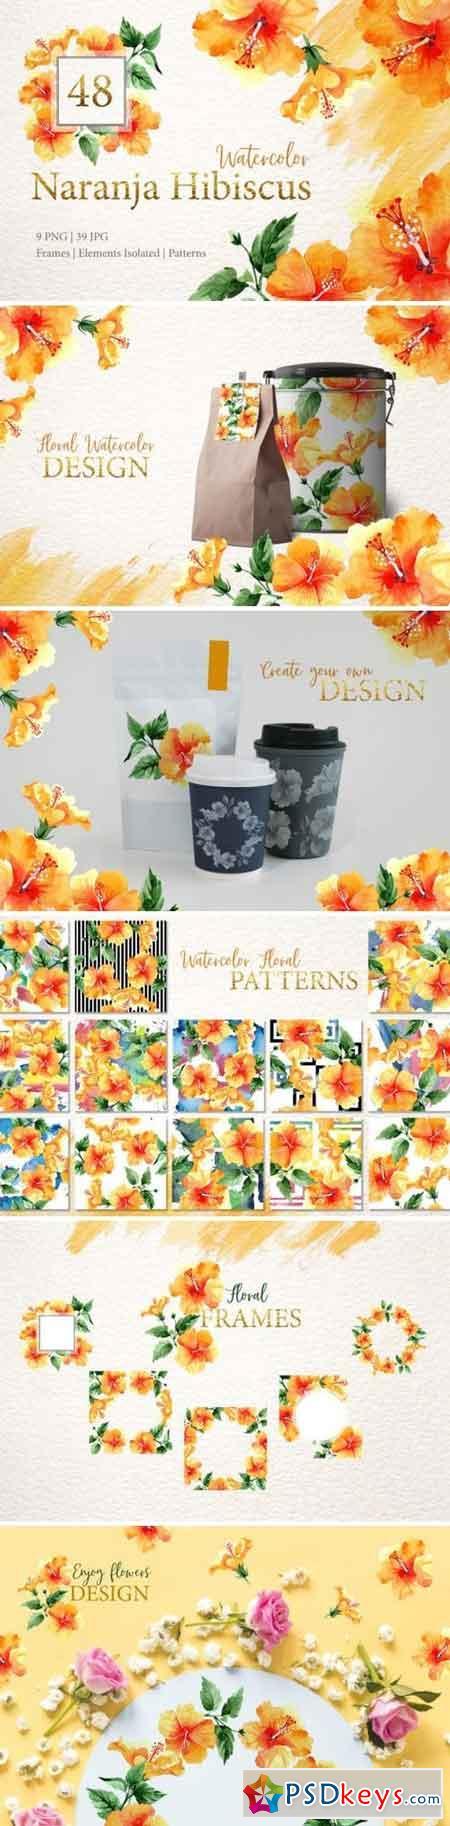 Naranja Hibiscus Watercolor png 3360626